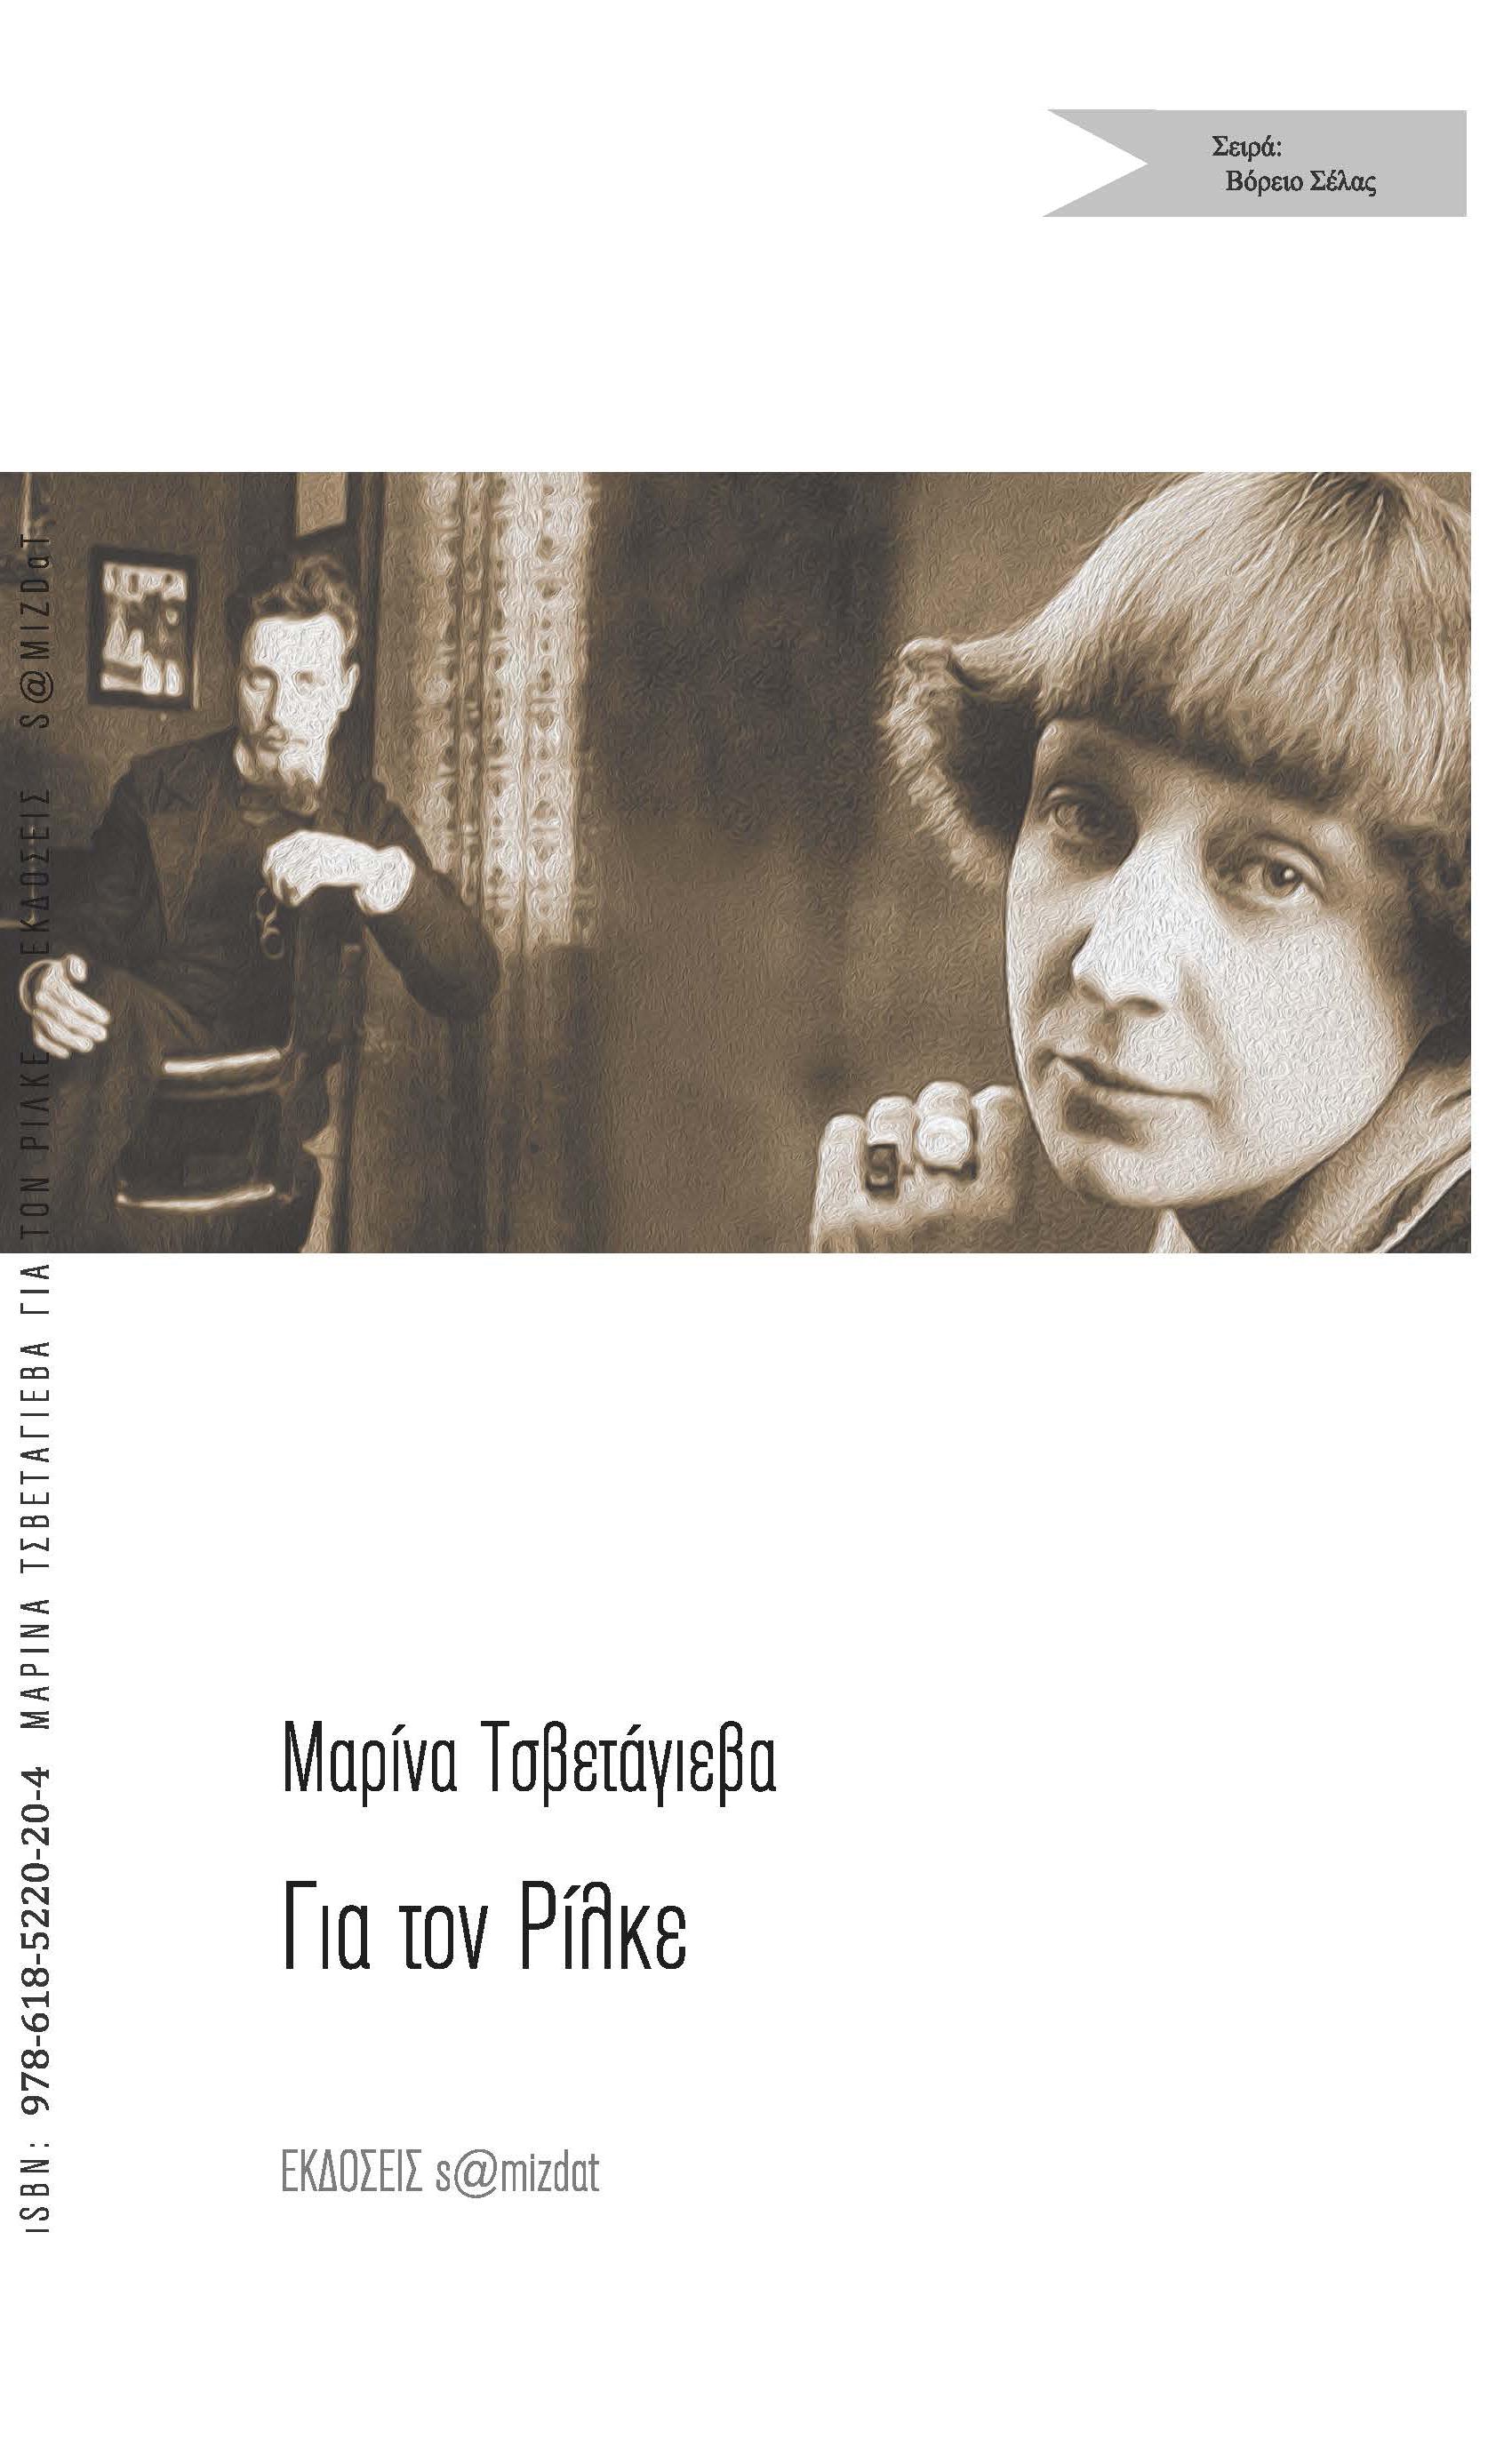 Μαρίνα Τσβετάγιεβα Για τον Ρίλκε